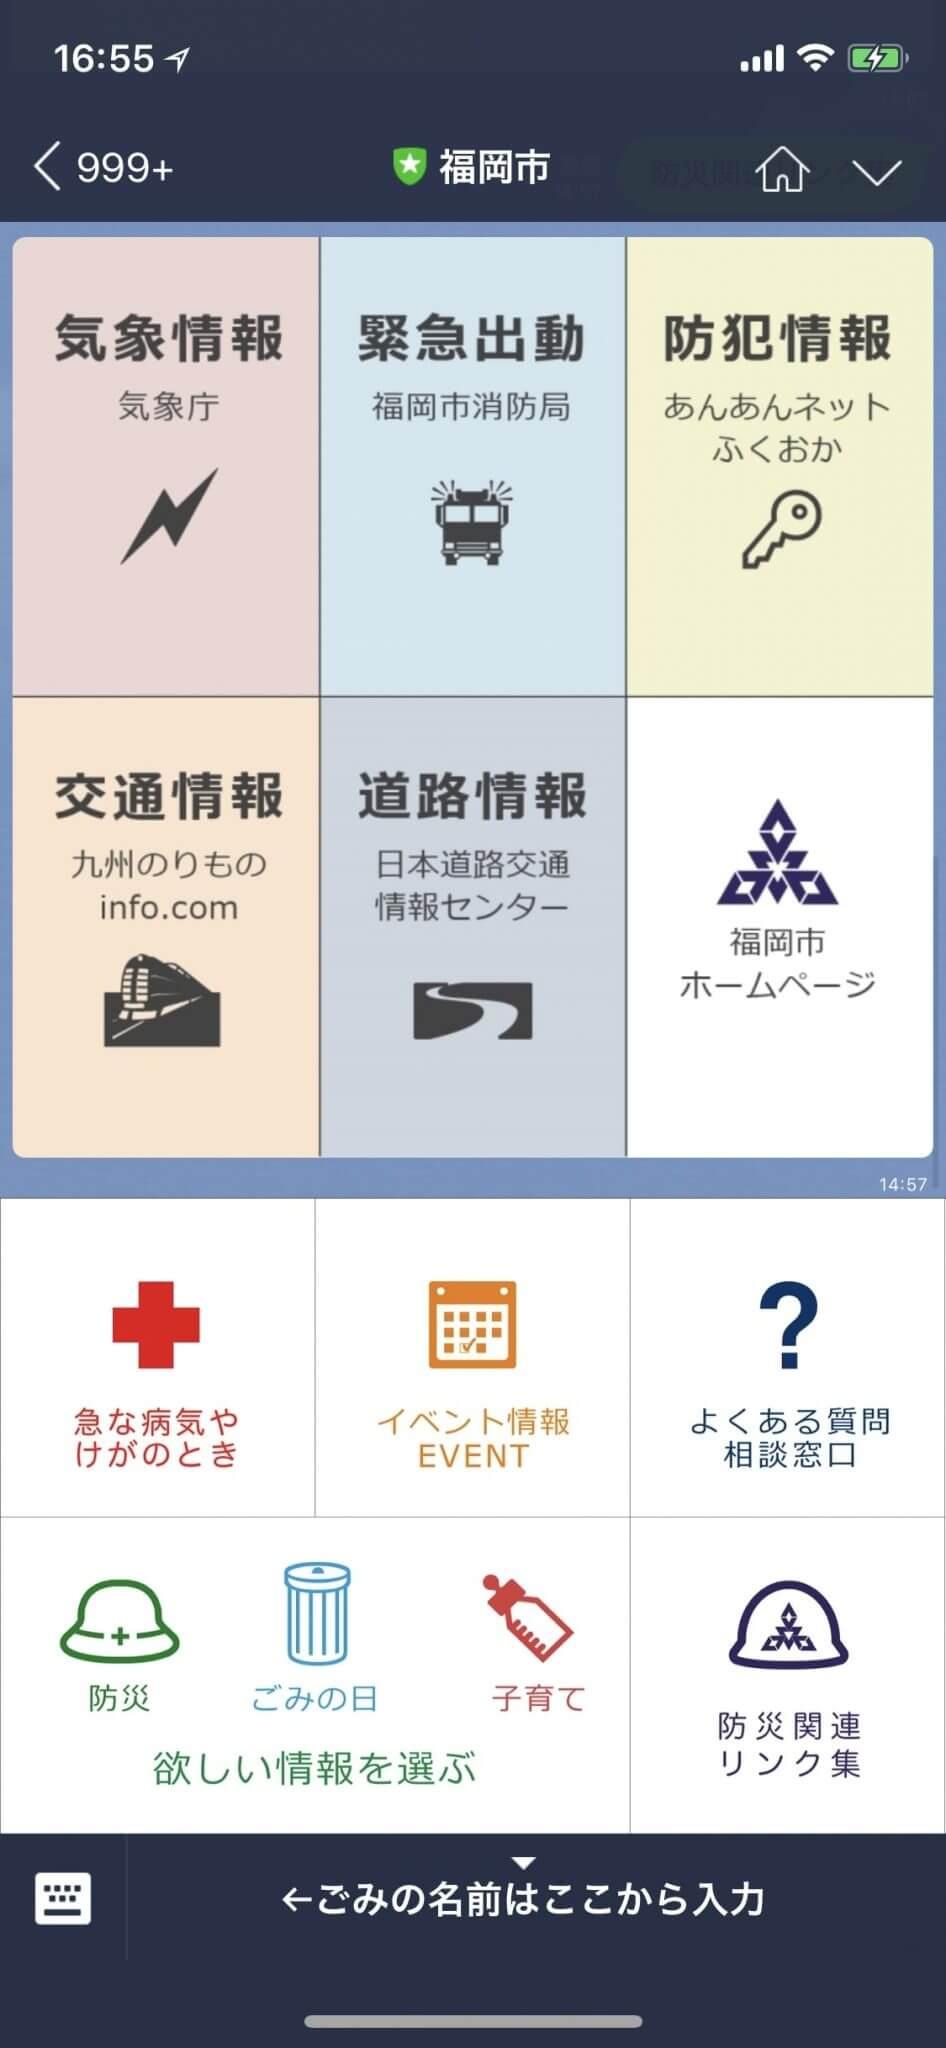 【行政】福岡市